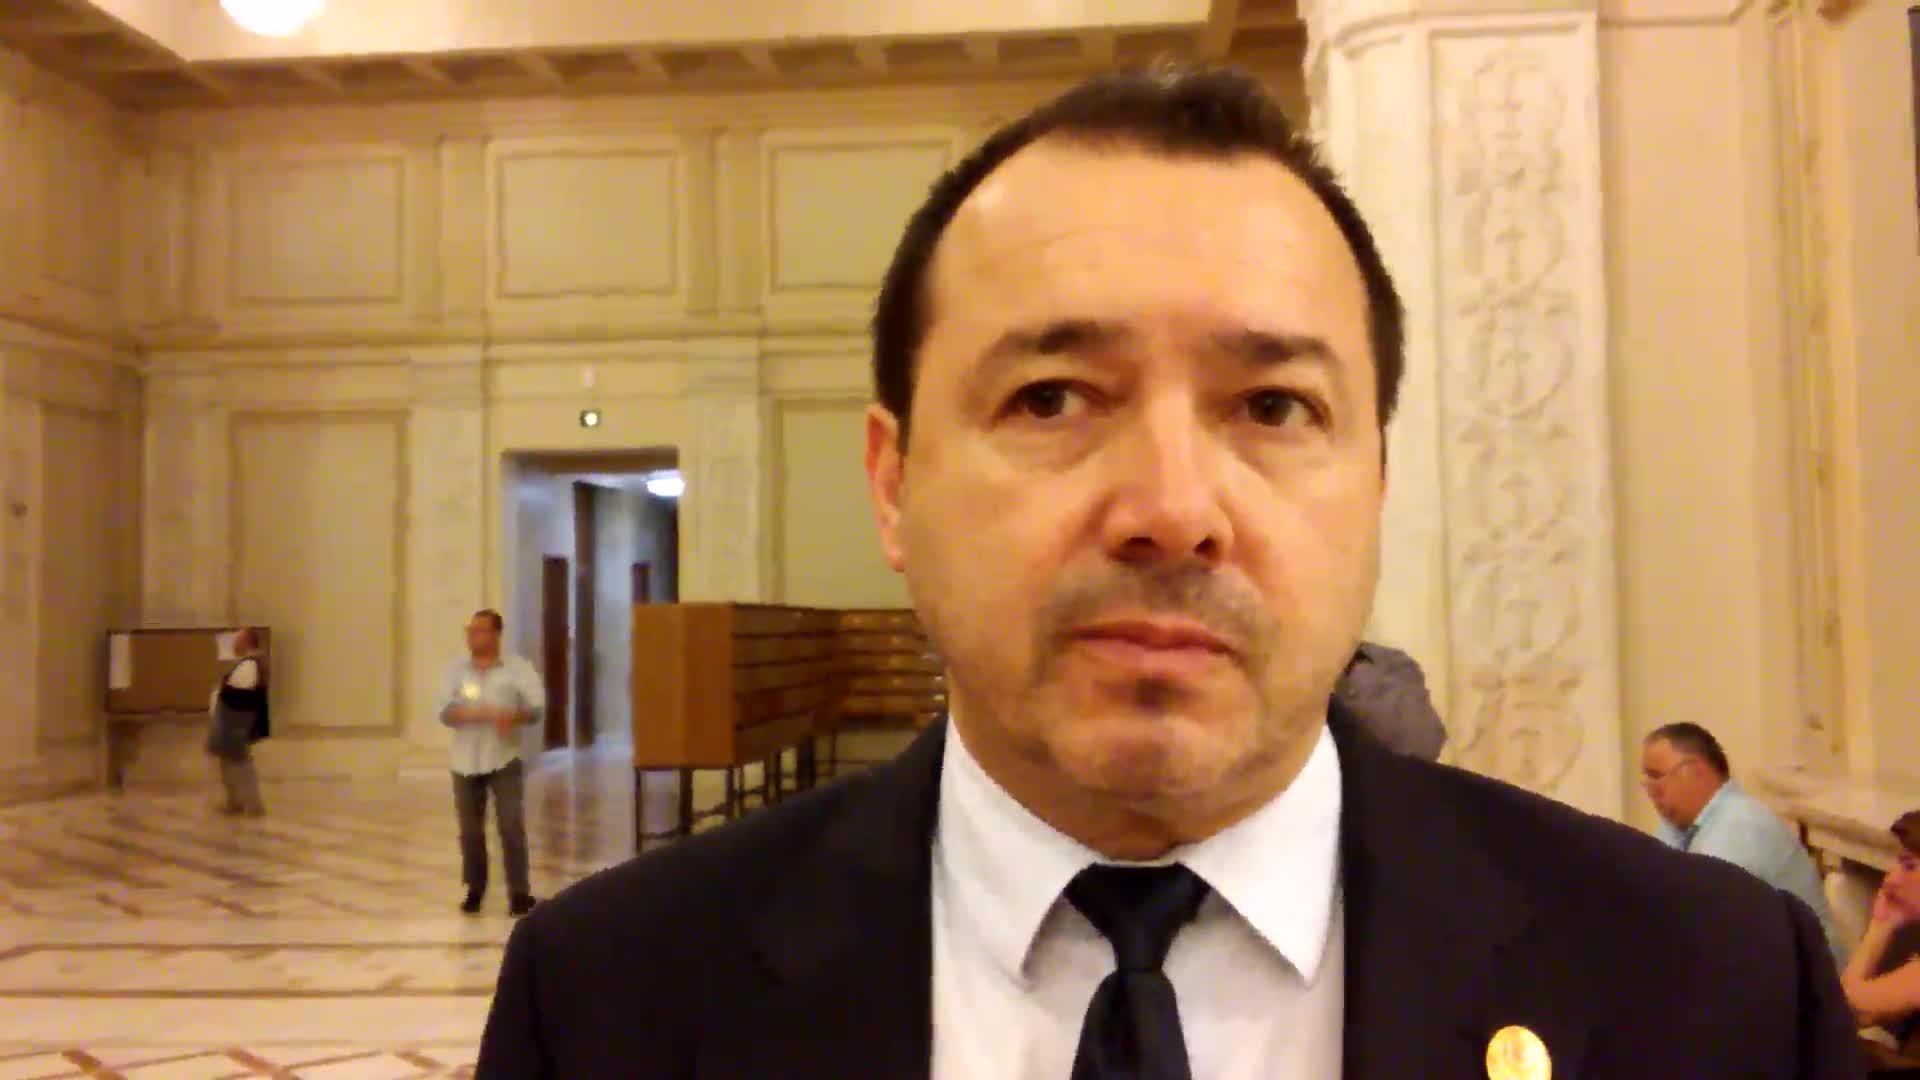 """Cătălin Rădulescu, după condamnarea lui Dragnea: """"A fost o ură generală împotriva președintelui Dragnea"""""""